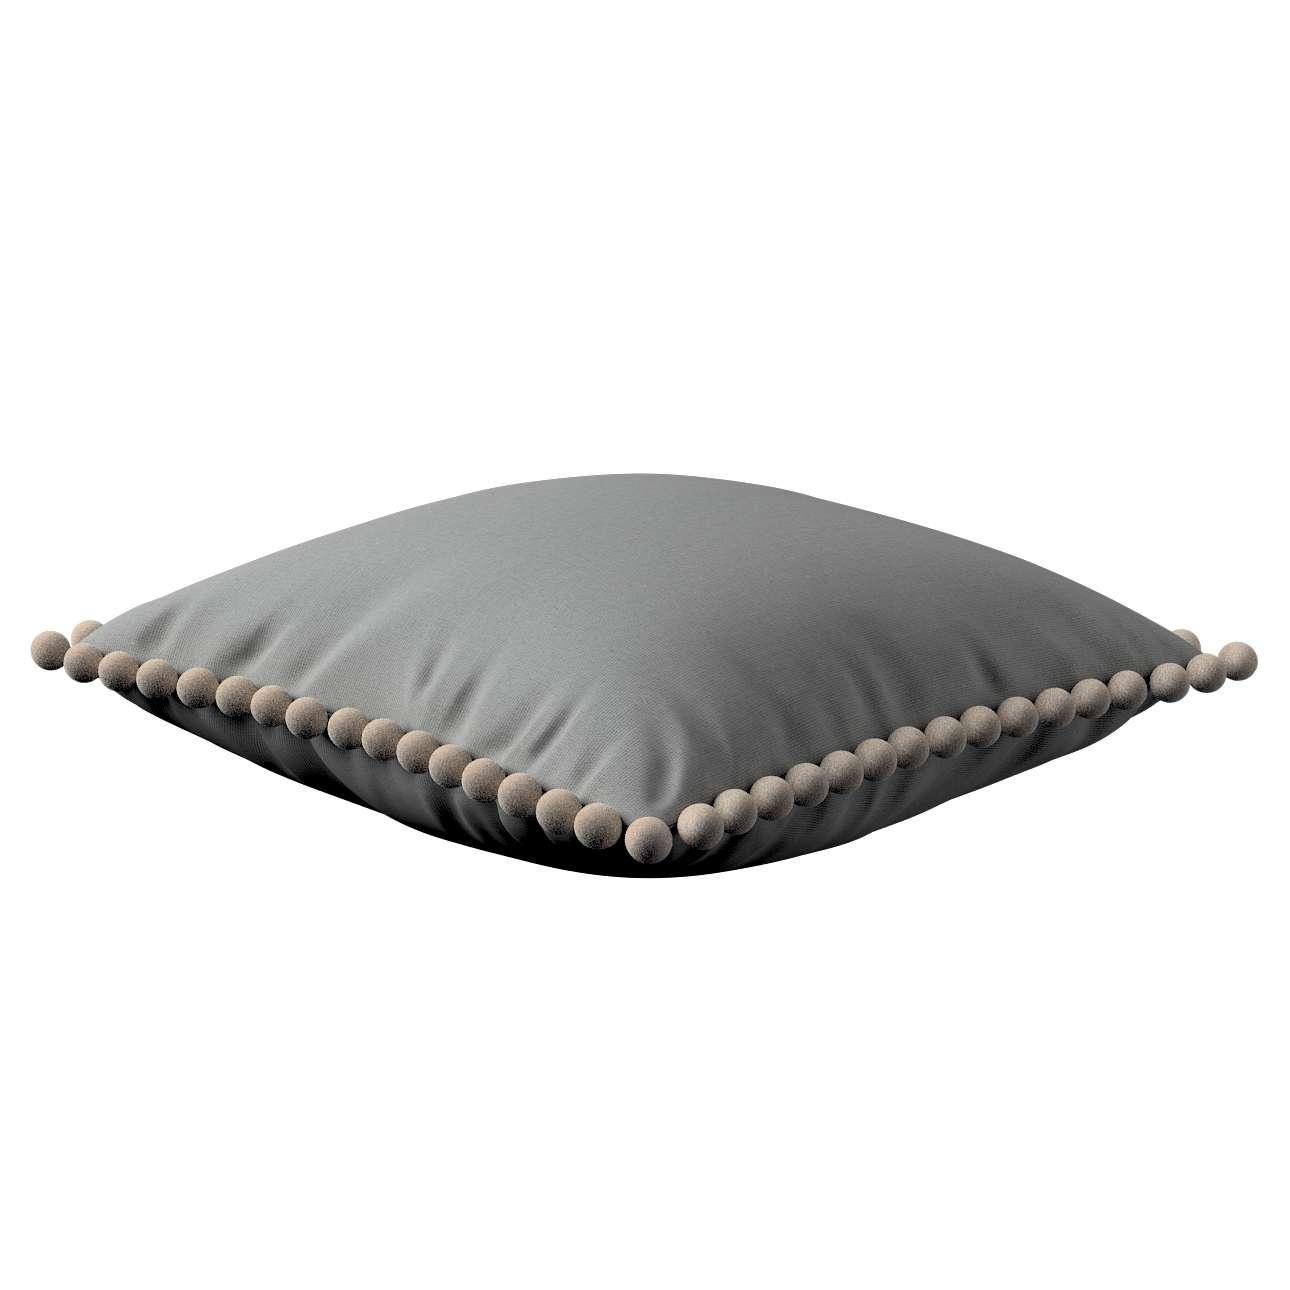 Poszewka Wera na poduszkę 45 x 45 cm w kolekcji Loneta, tkanina: 133-24